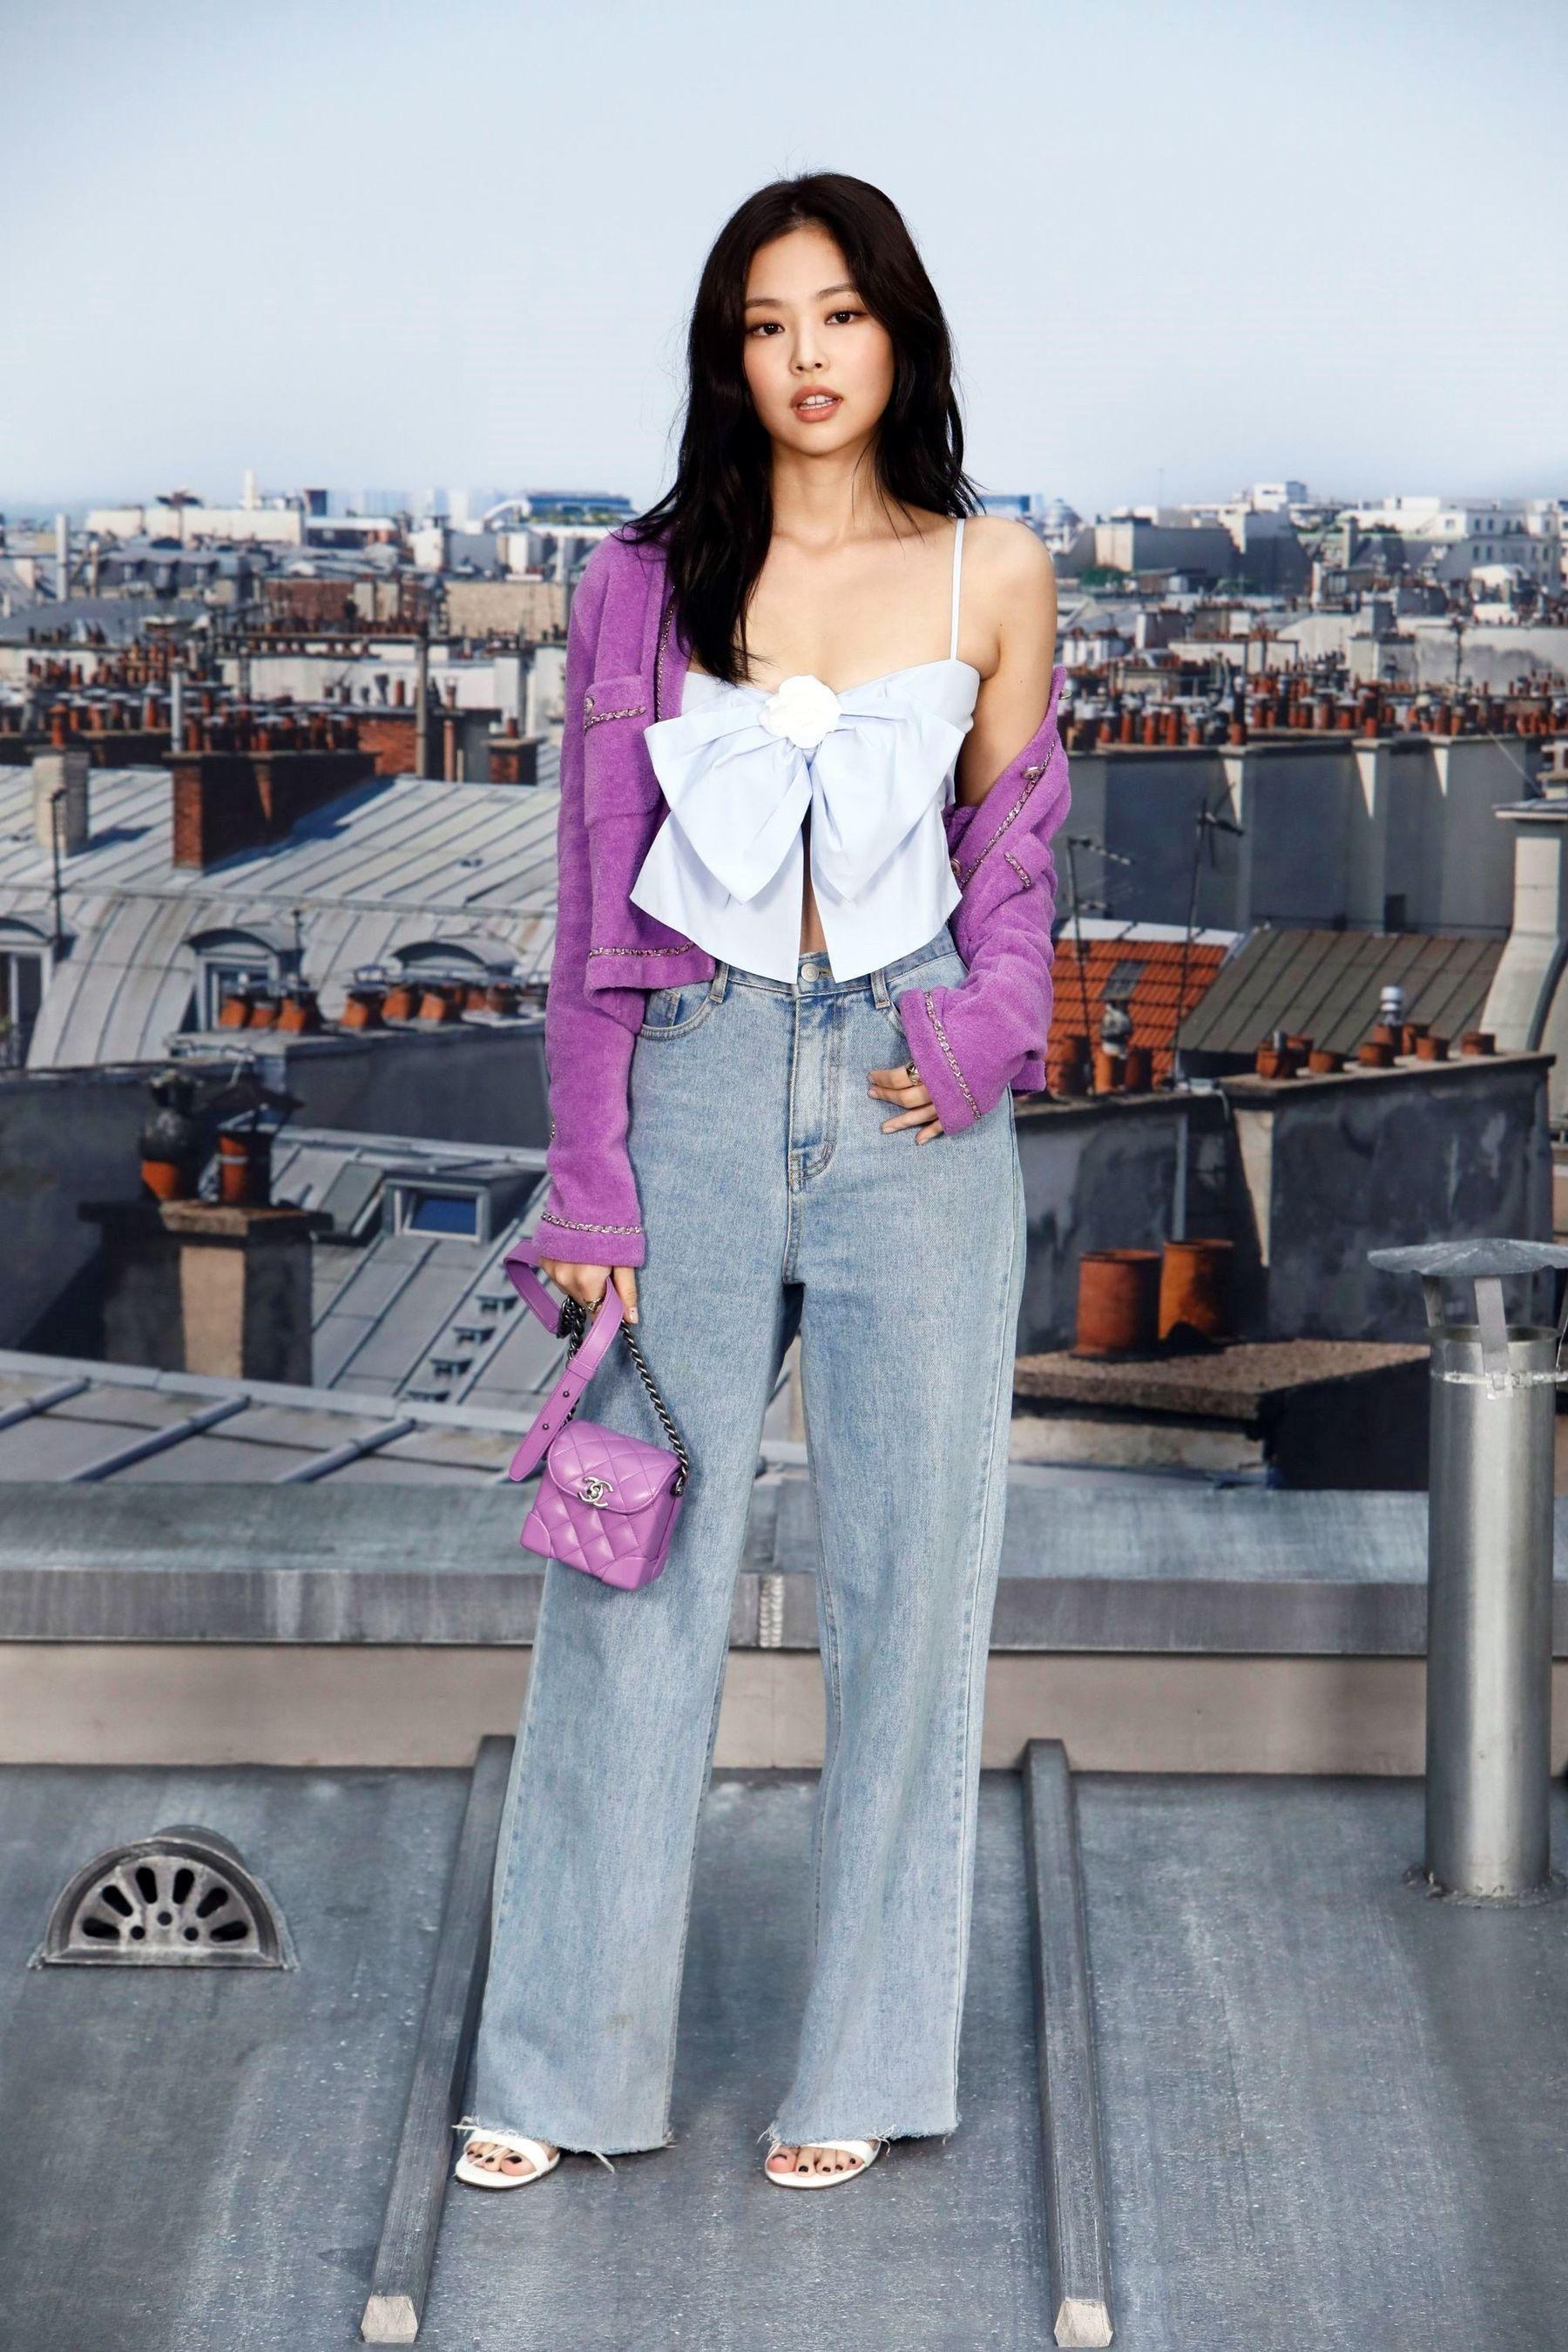 Phối quần jean ống rộng với áo hai dây thắt nơ của Jennie Black Pink và mang giày sandal cao gót